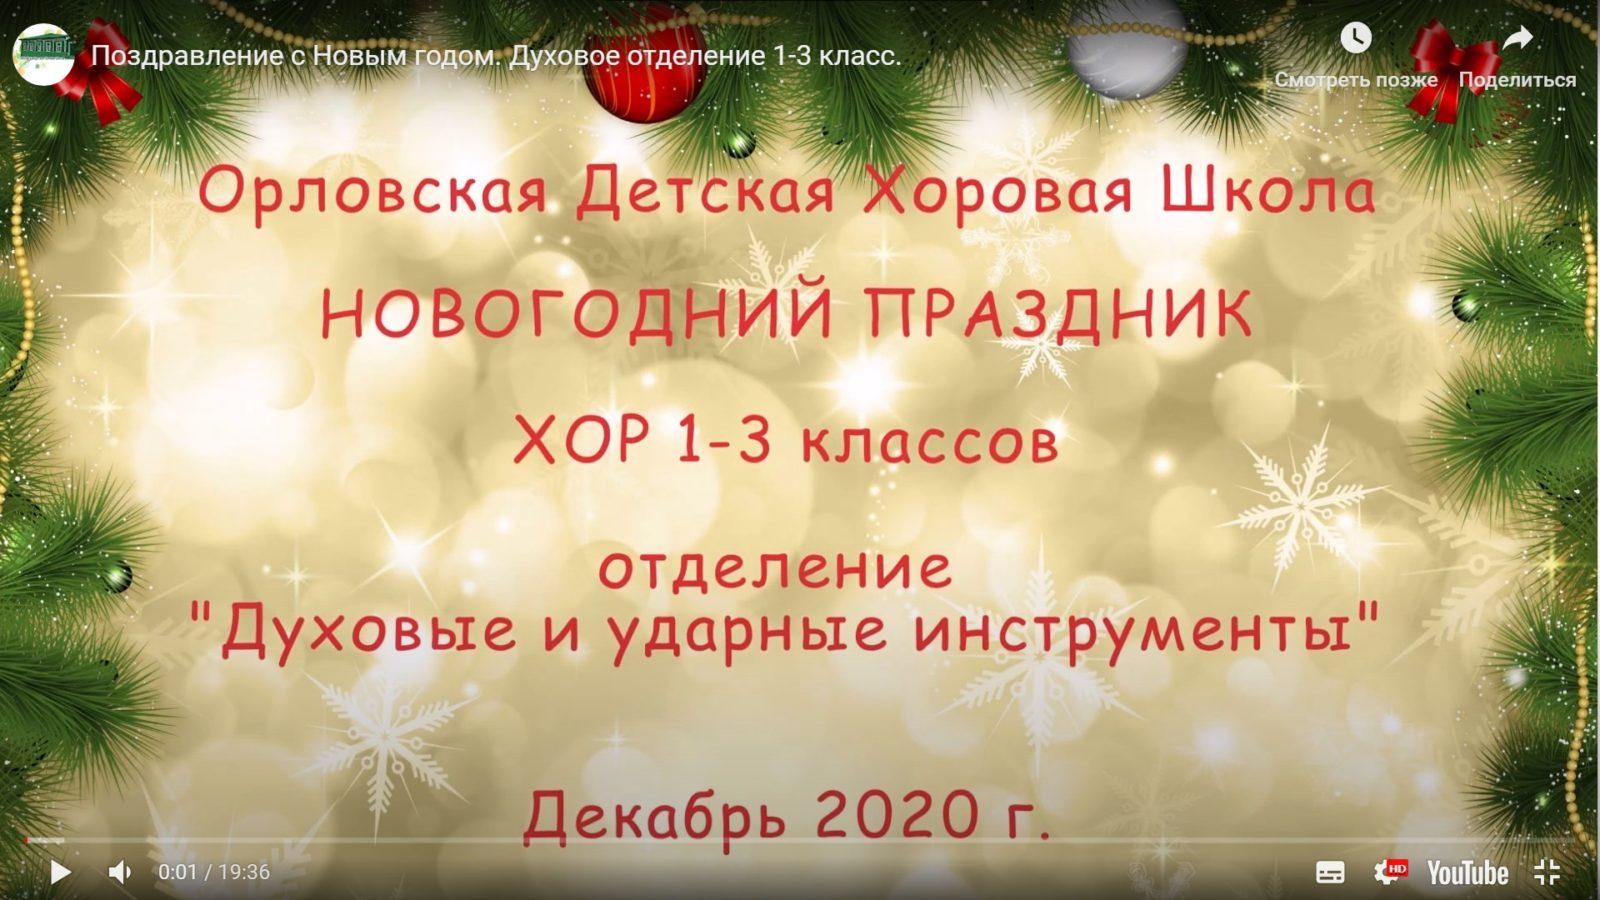 Поздравление с Новым годом. Духовое отделение 1-3 класс